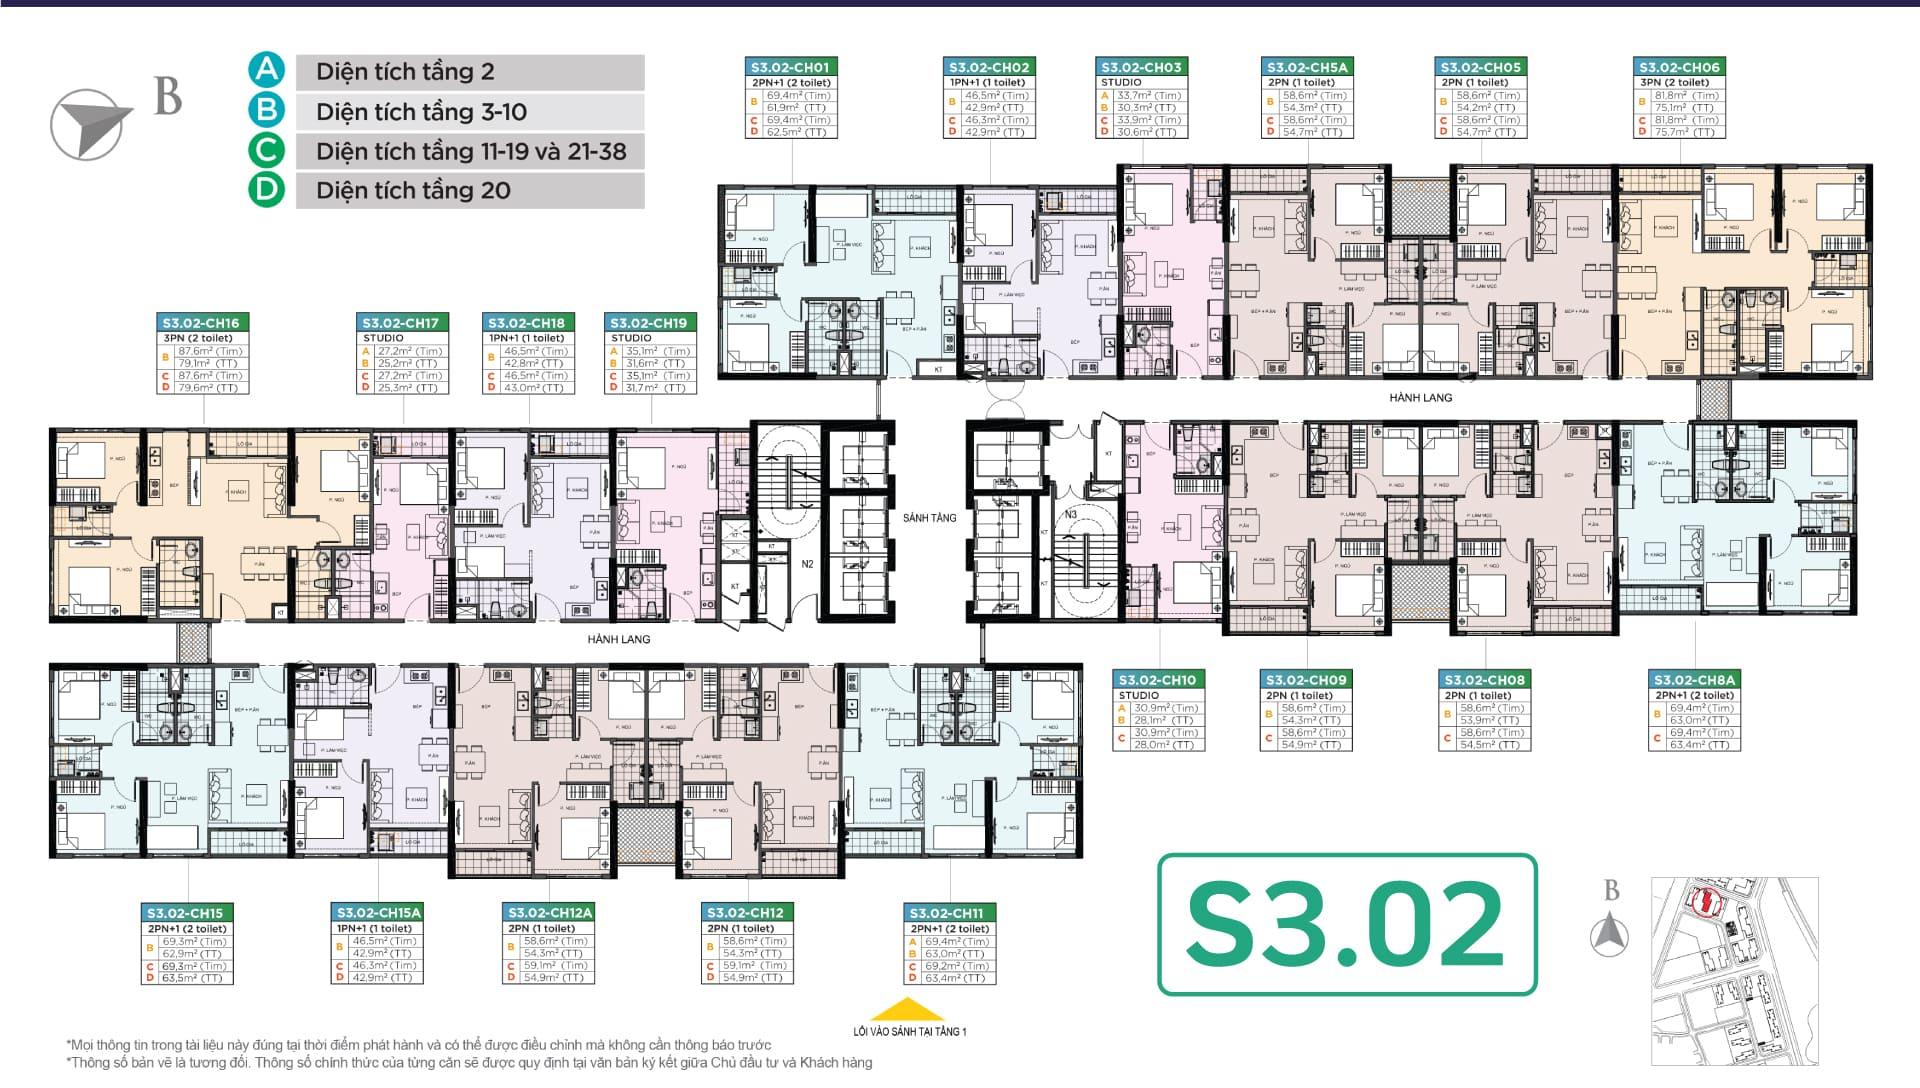 tòa S3.02 phân khu sapphire vinhomes smart city tây mỗ